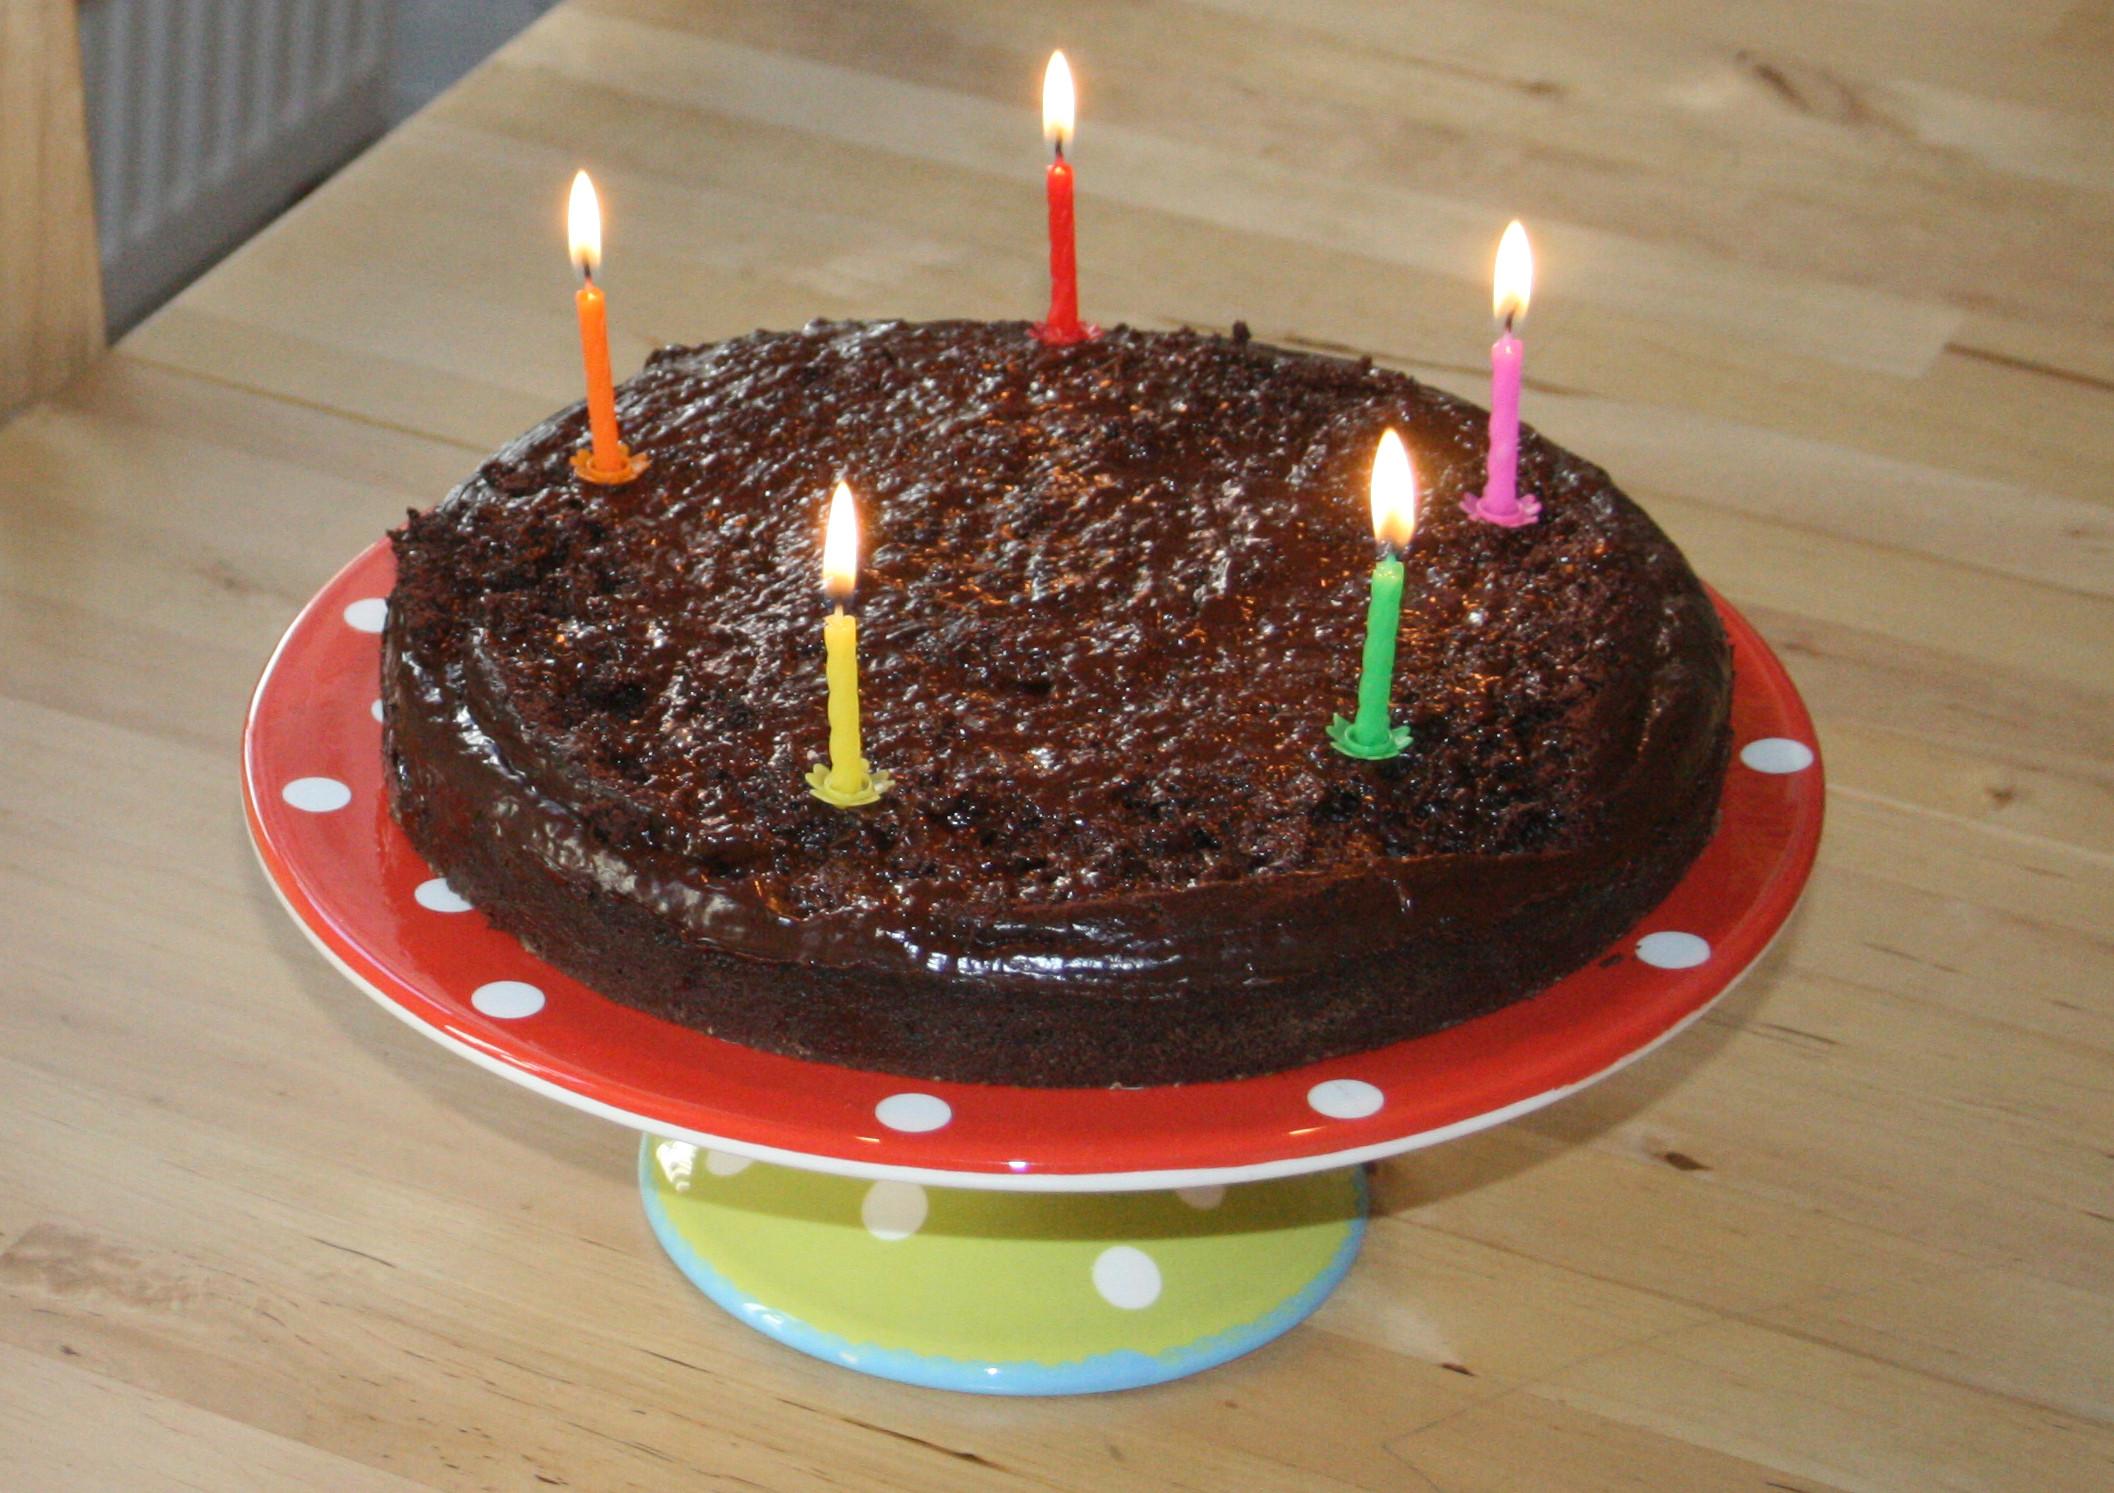 Geburtstagskuchen Vegan  Geburtstagskuchen Vegan Rezept Rezept torte